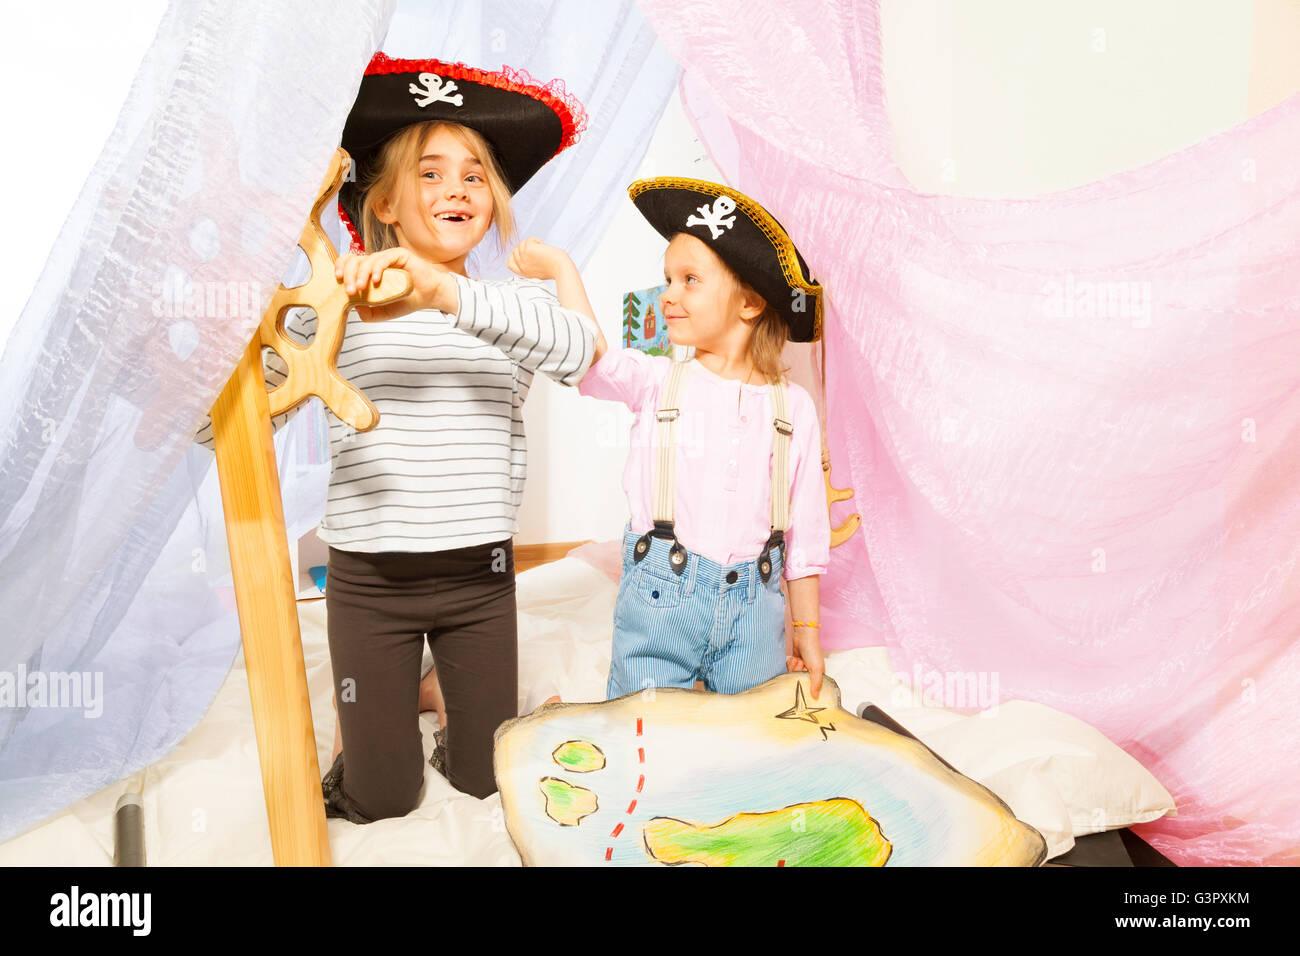 Funny ragazze in pirata costumi di governare la nave Immagini Stock